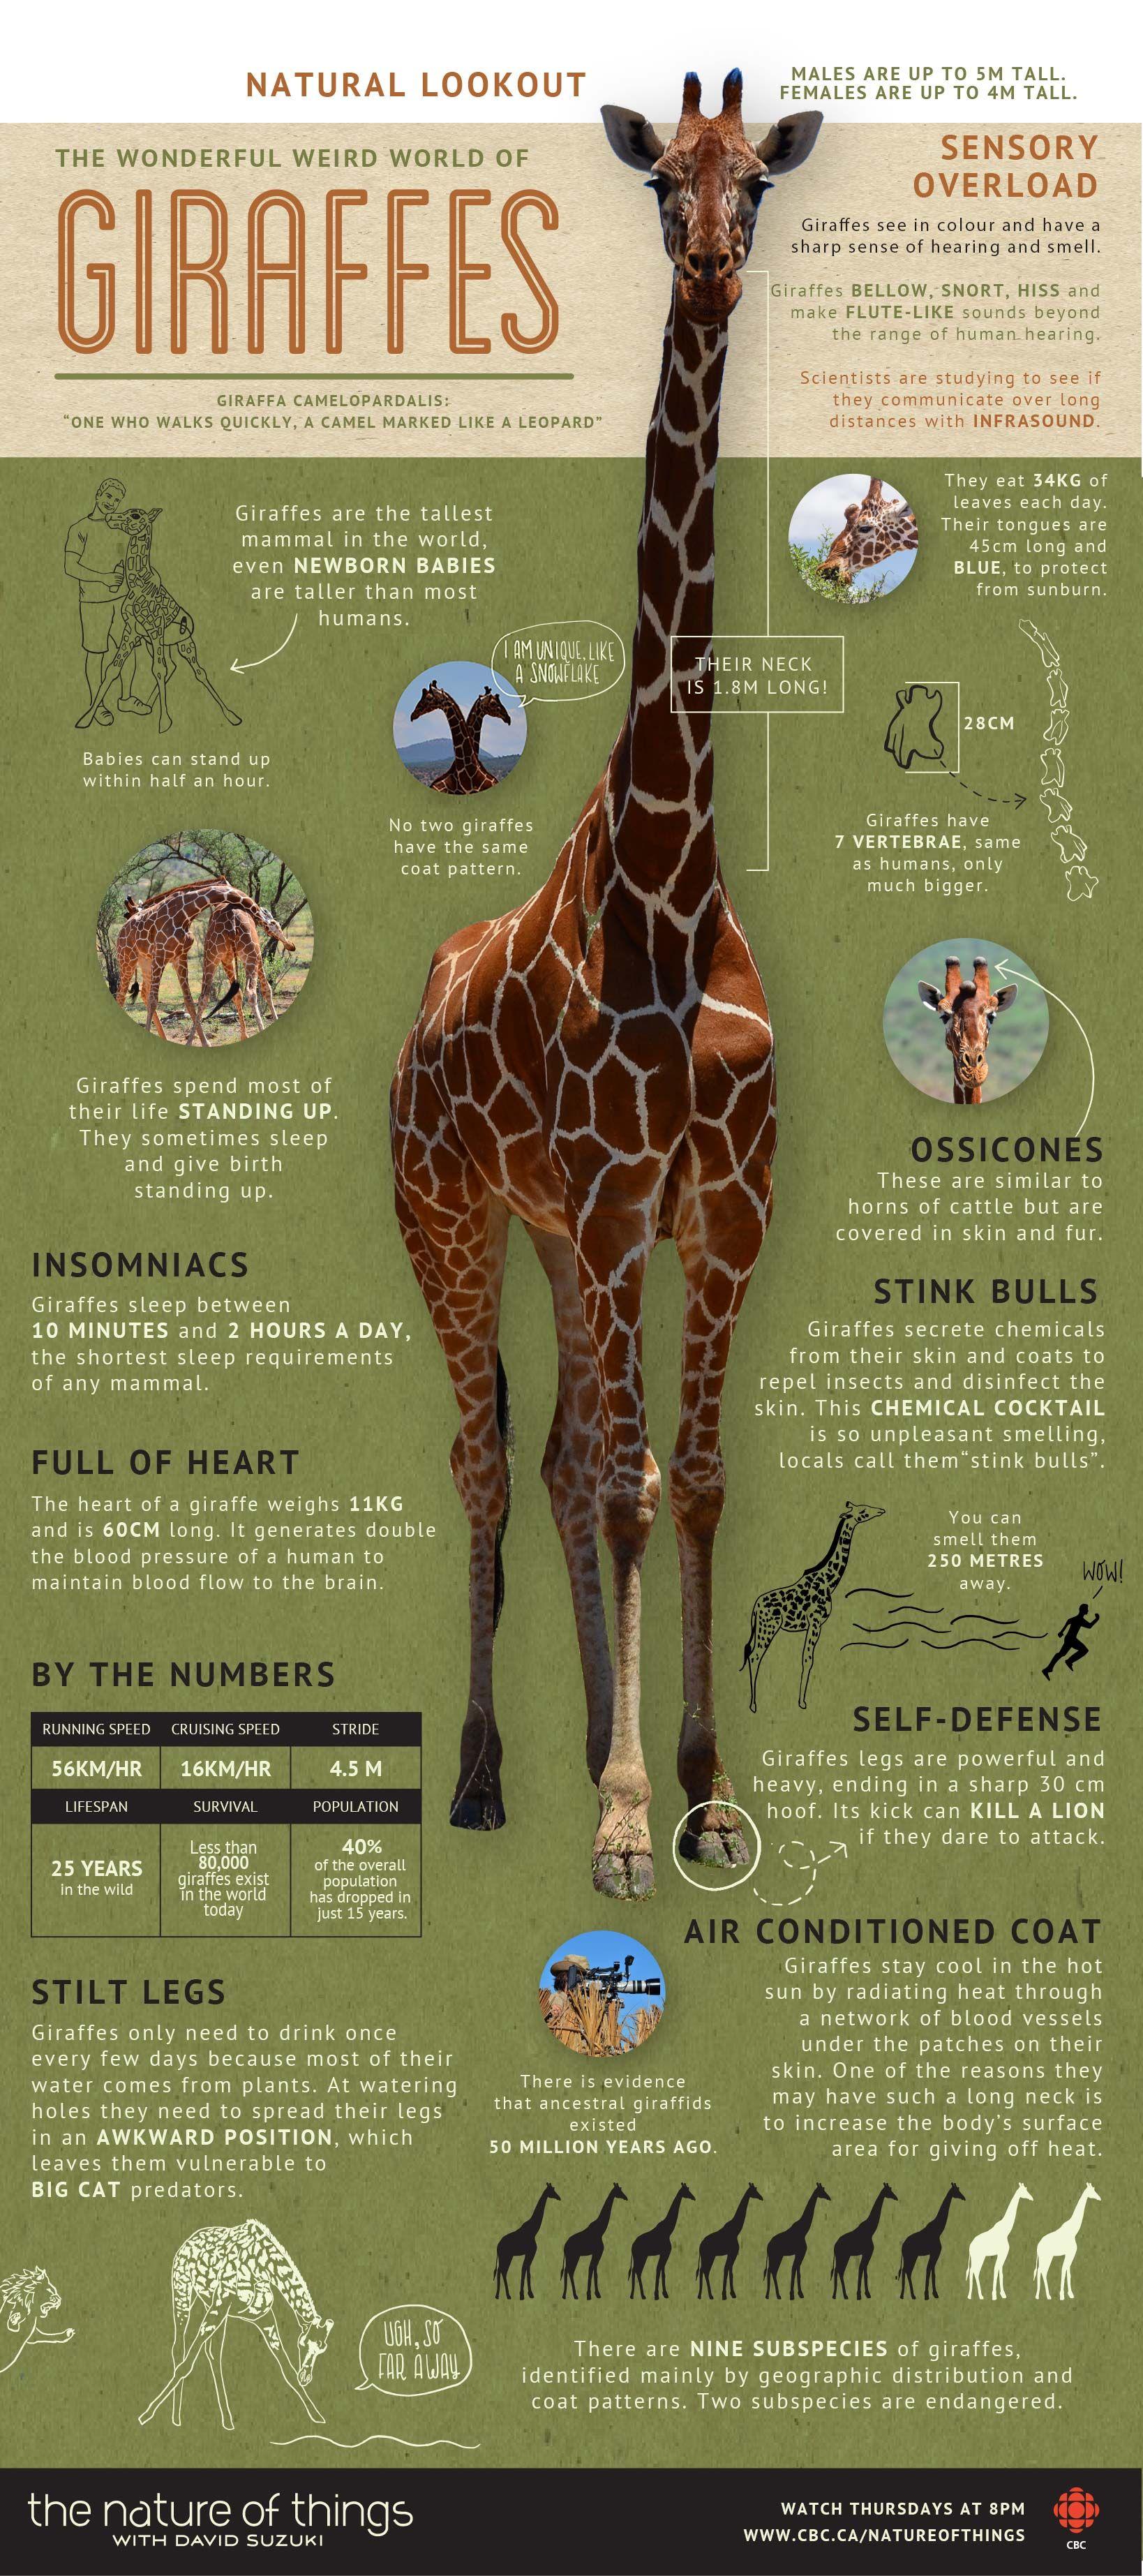 The Wonderful Weird World Of Giraffes